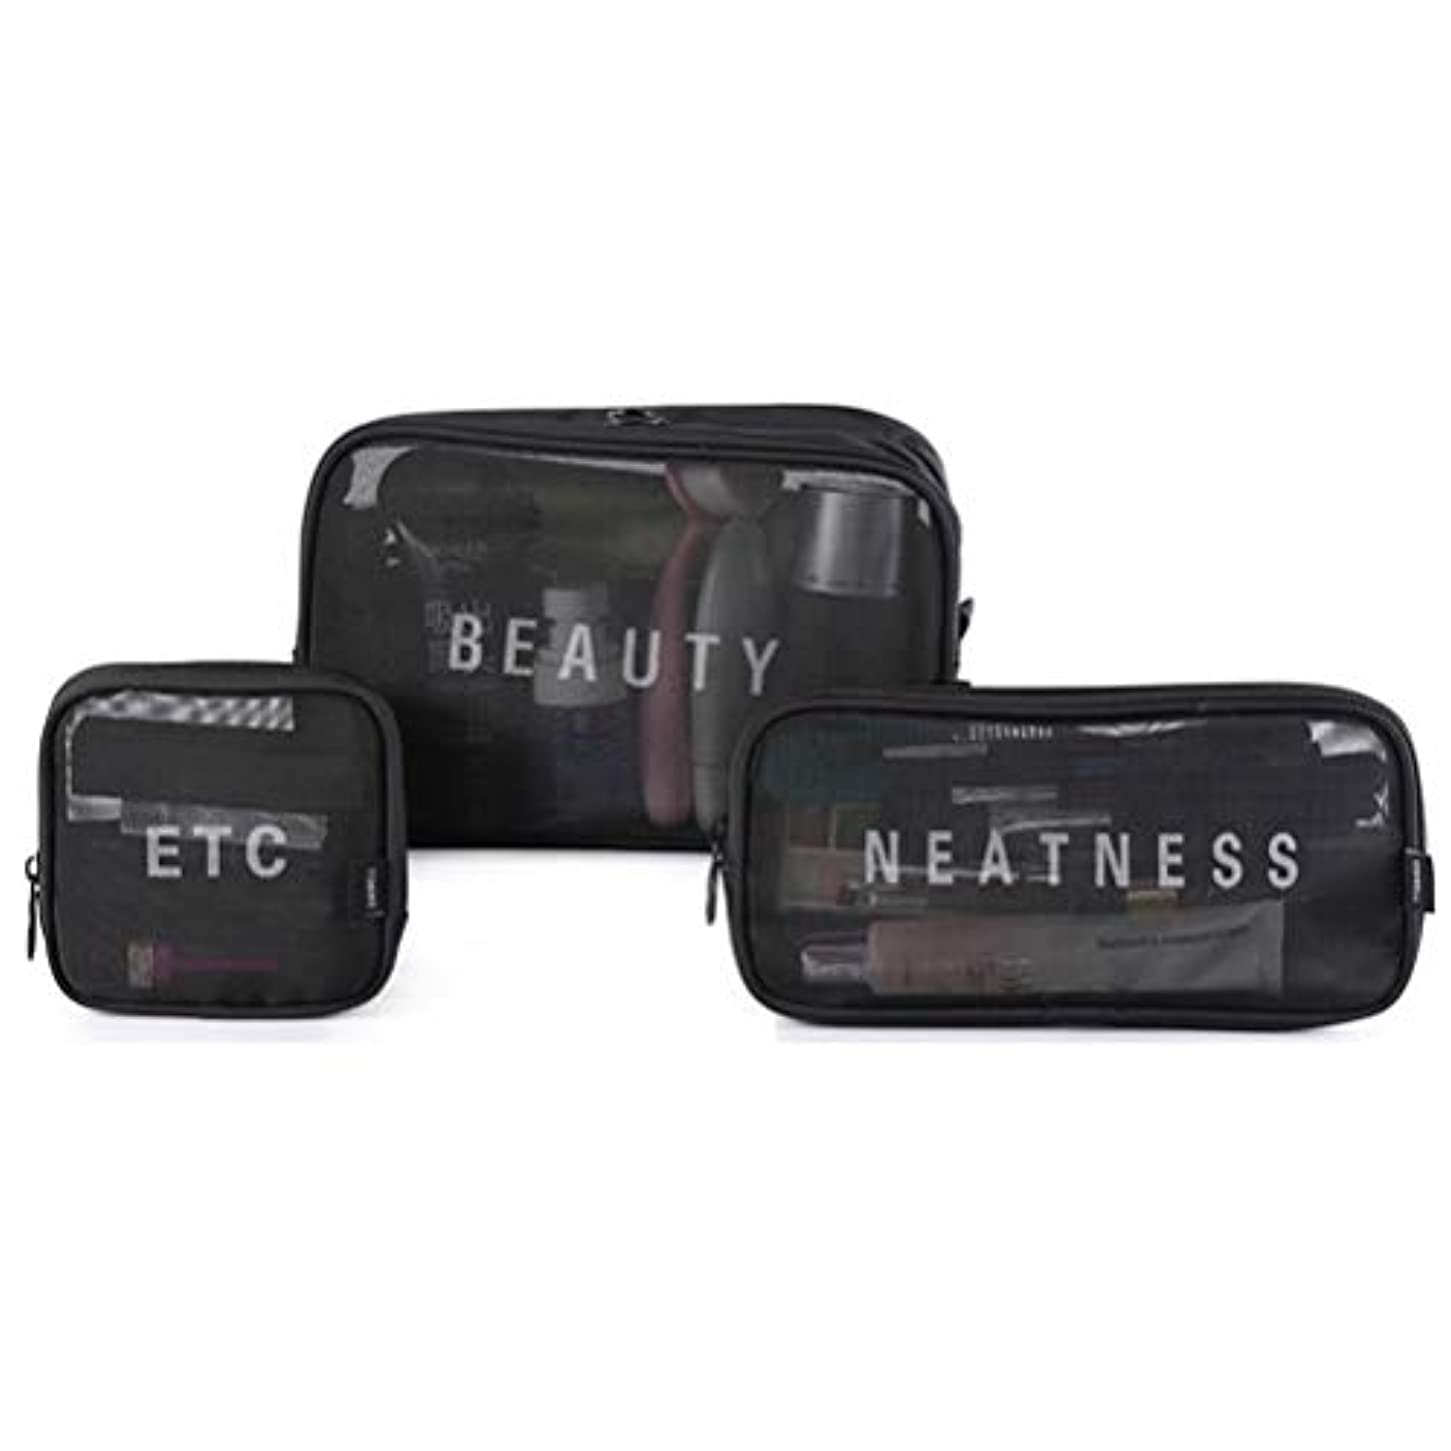 それによって相談するマイクロフォン3点セット 化粧バッグ メイクポーチ 化粧品収納 化粧ポーチ 大容量 メイクボックス メッシュ 透明 化粧用品 携帯しやすい 旅行 出張 可愛い 小物入れ 収納ボックス 化粧品袋 軽量